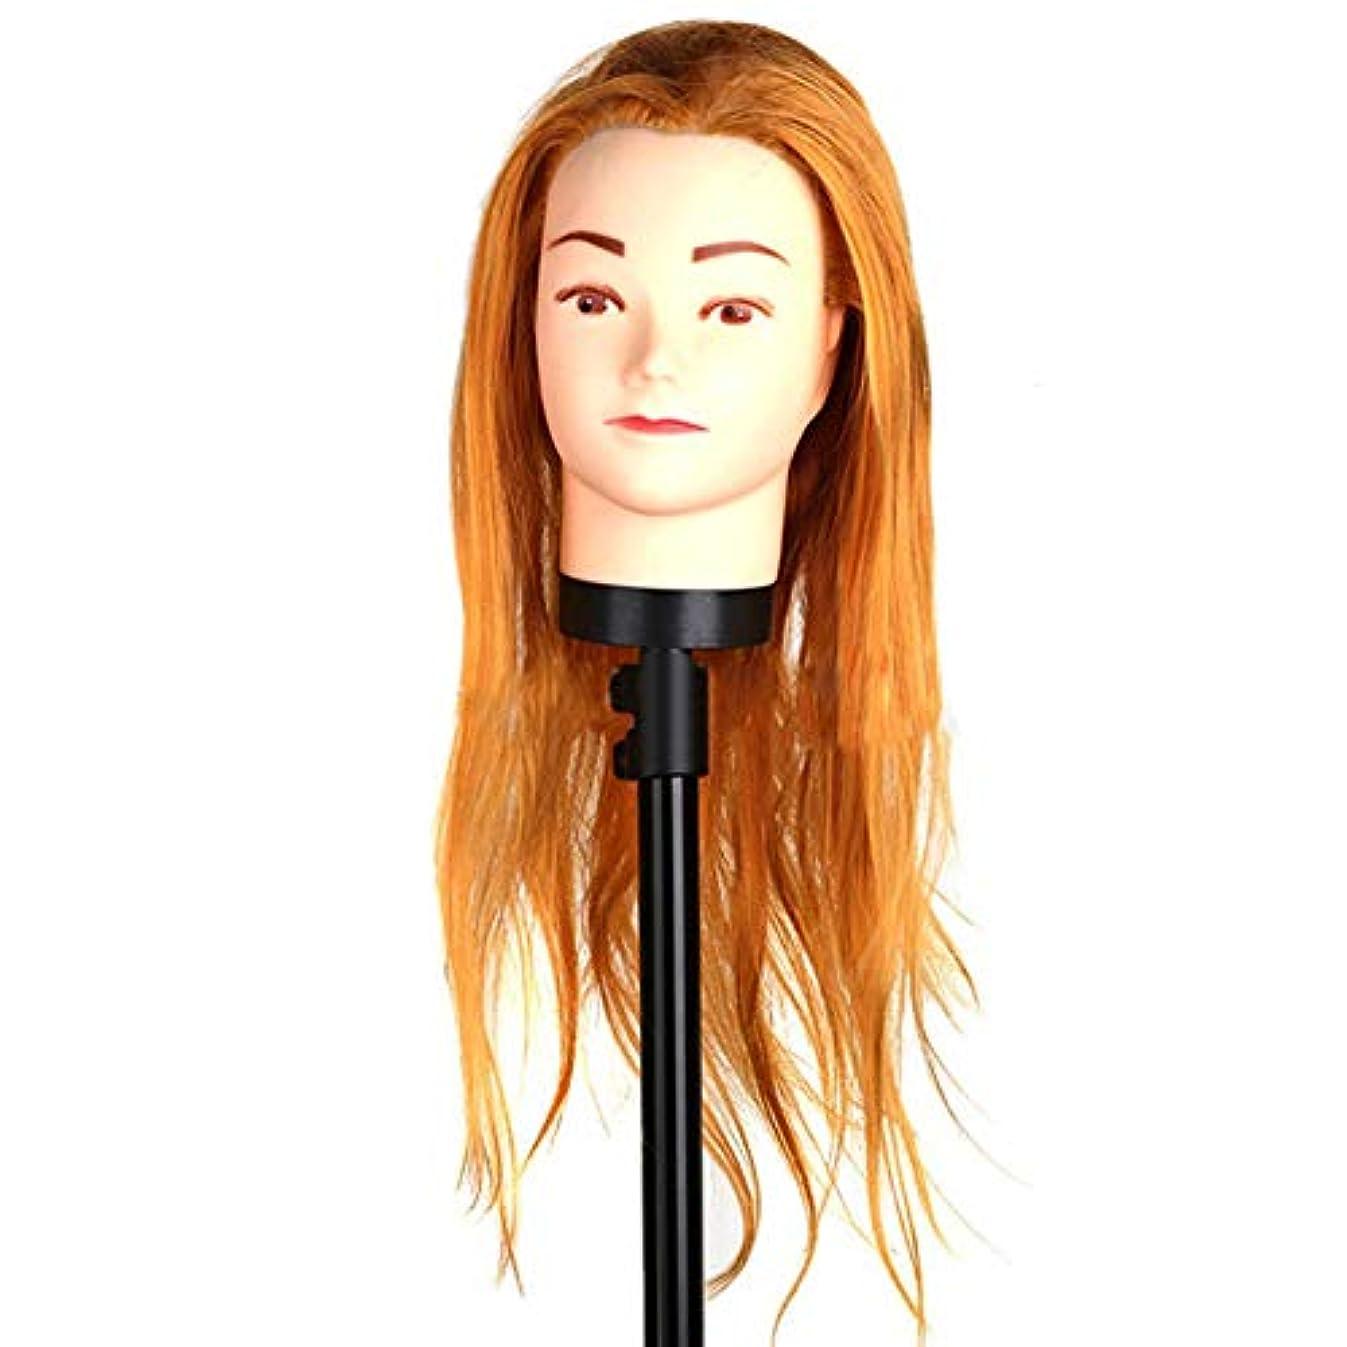 硬い自明高温繊維かつらヘッドモールドメイクヘアスタイリングヘッドヘアーサロントレーニング学習ヘアカットデュアルユースダミー人間の頭